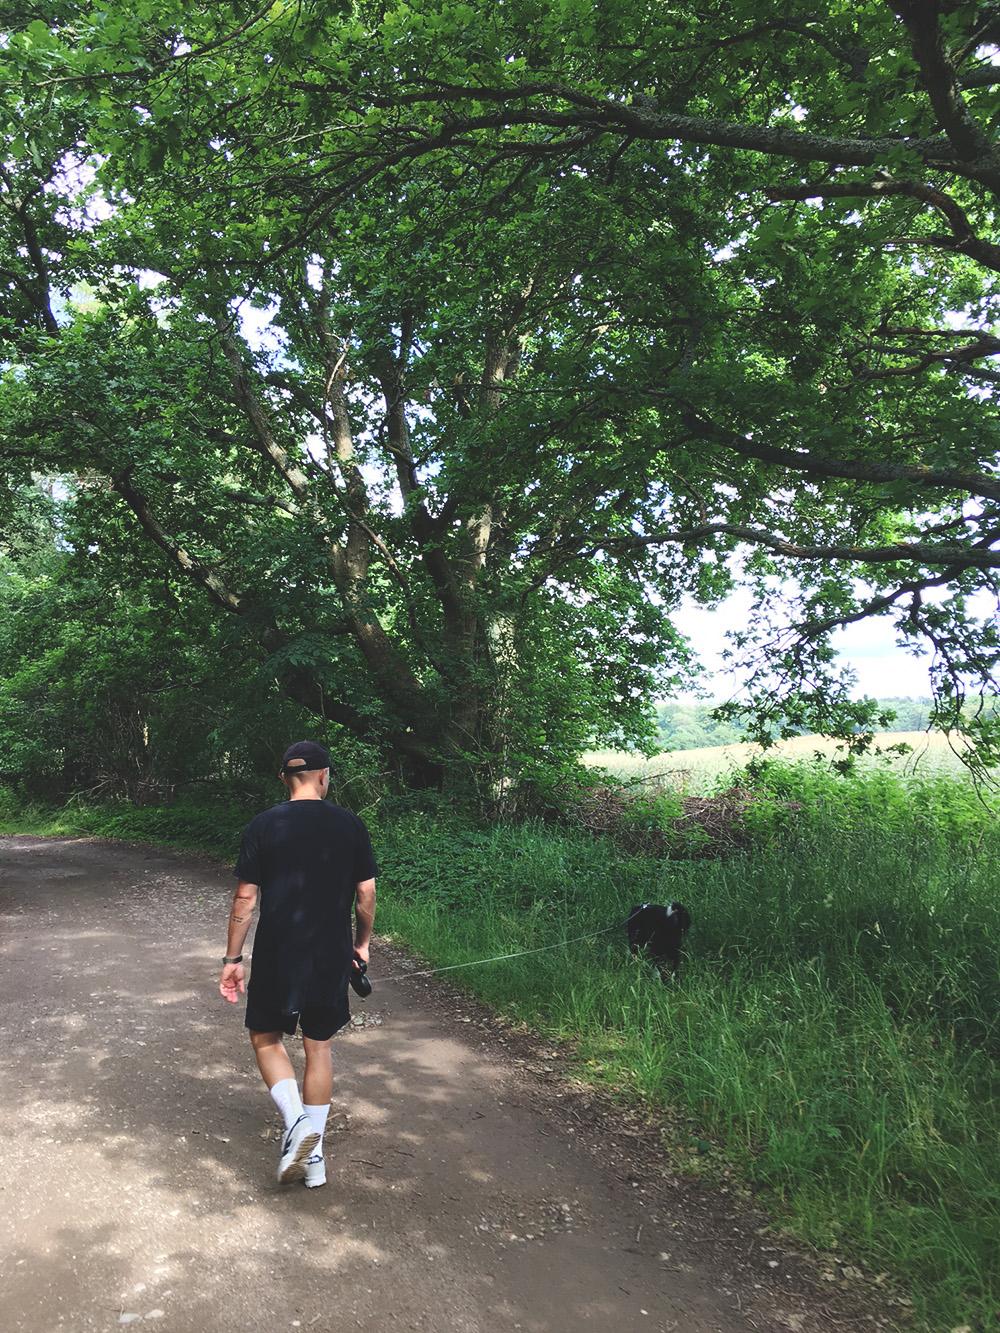 hund og mand går tur